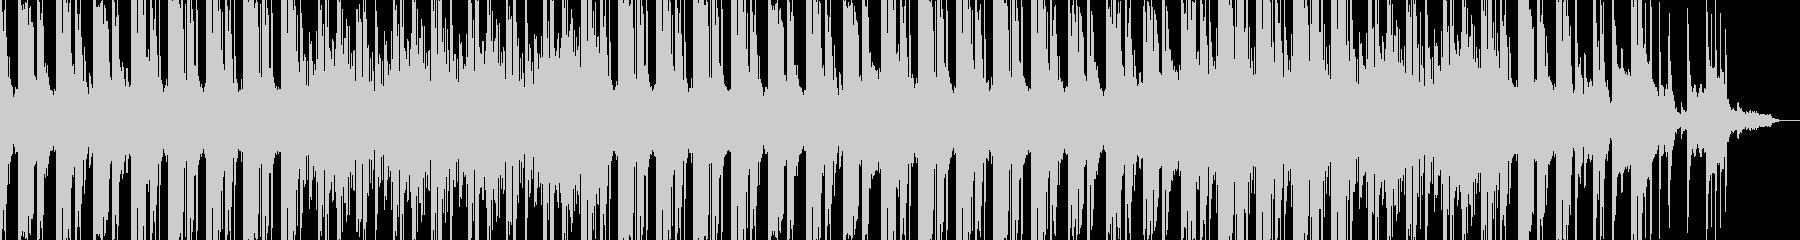 シンセリフと綺麗なピアノのEDMサウンドの未再生の波形